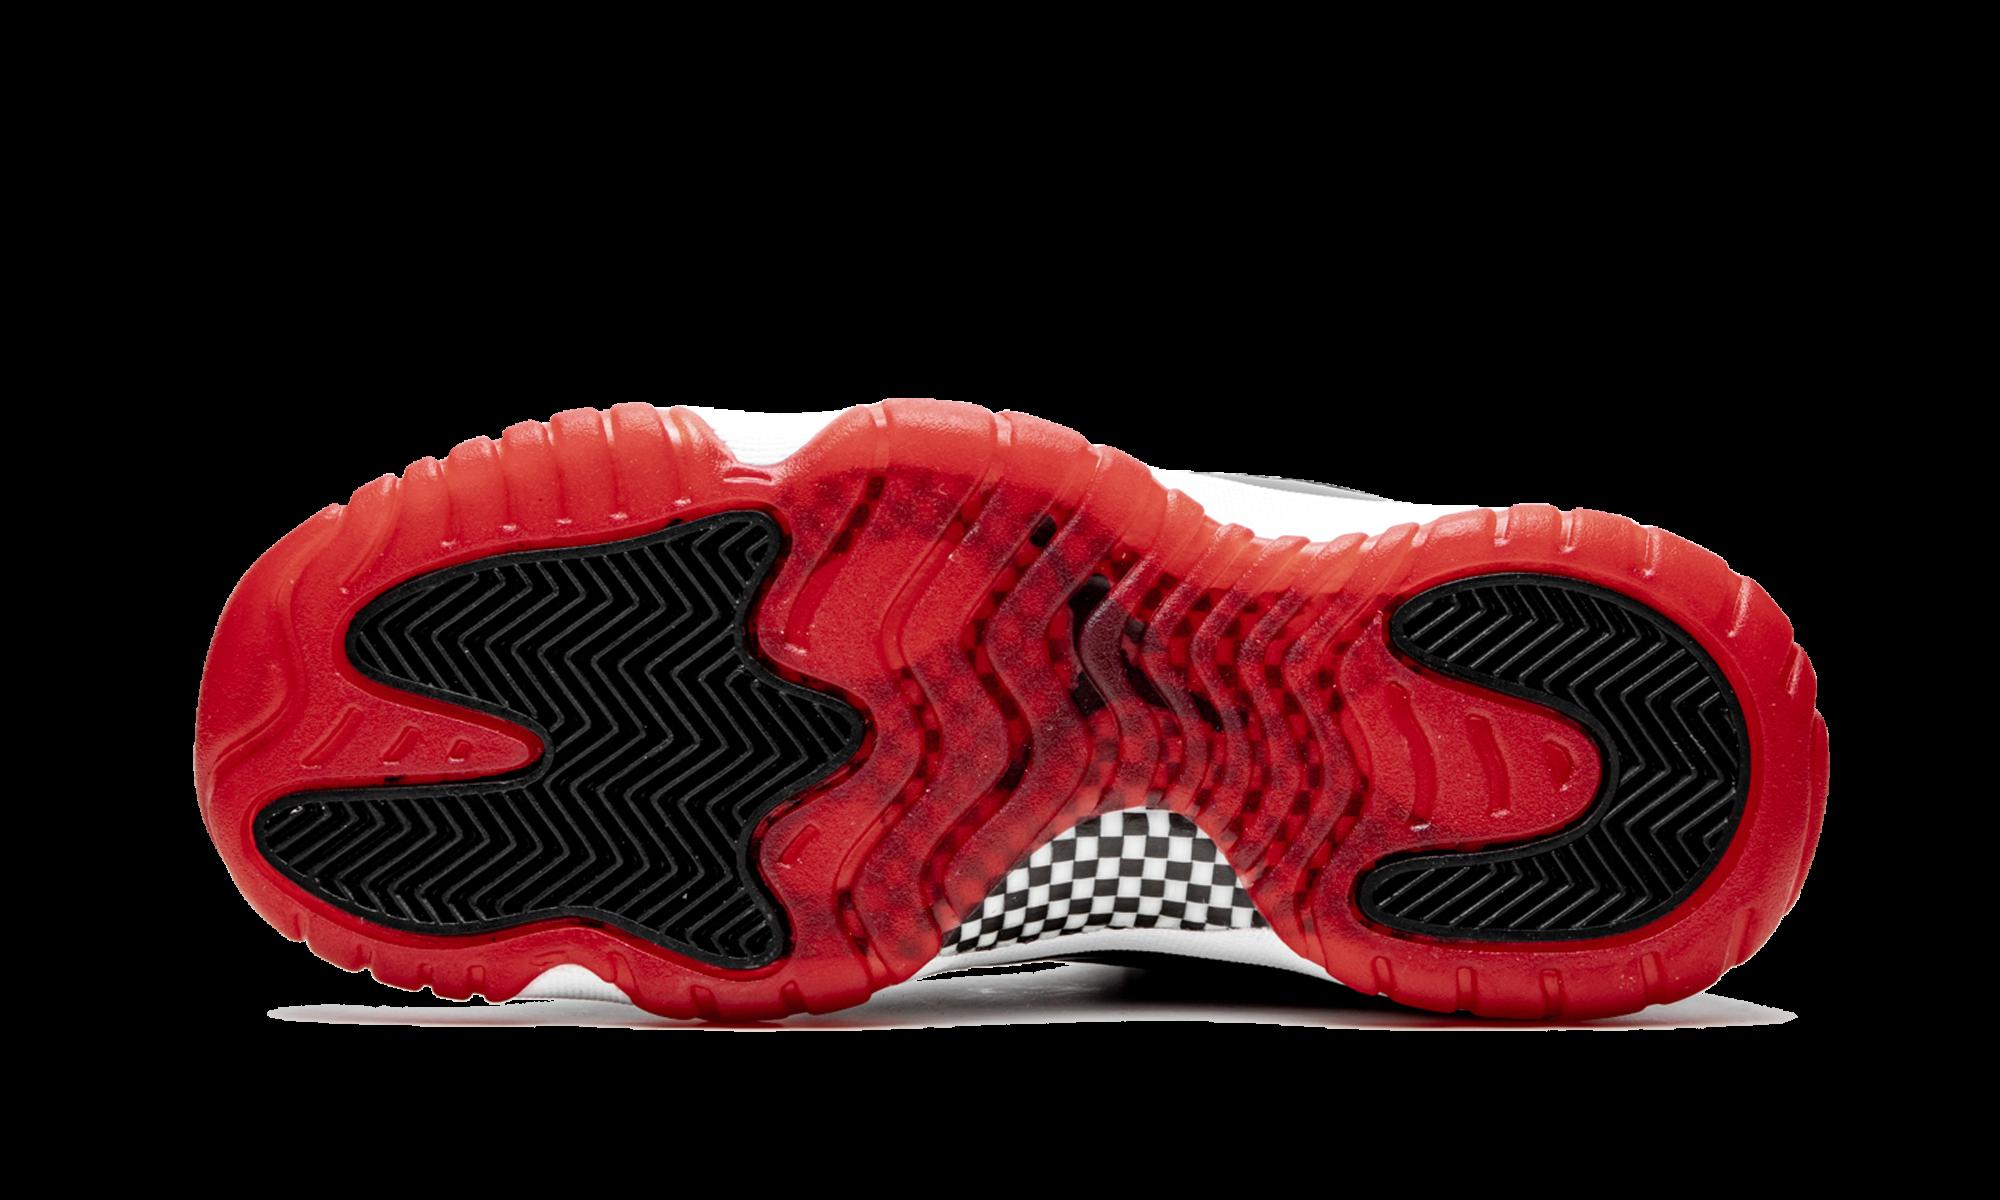 Air Jordan 11 Retro GS